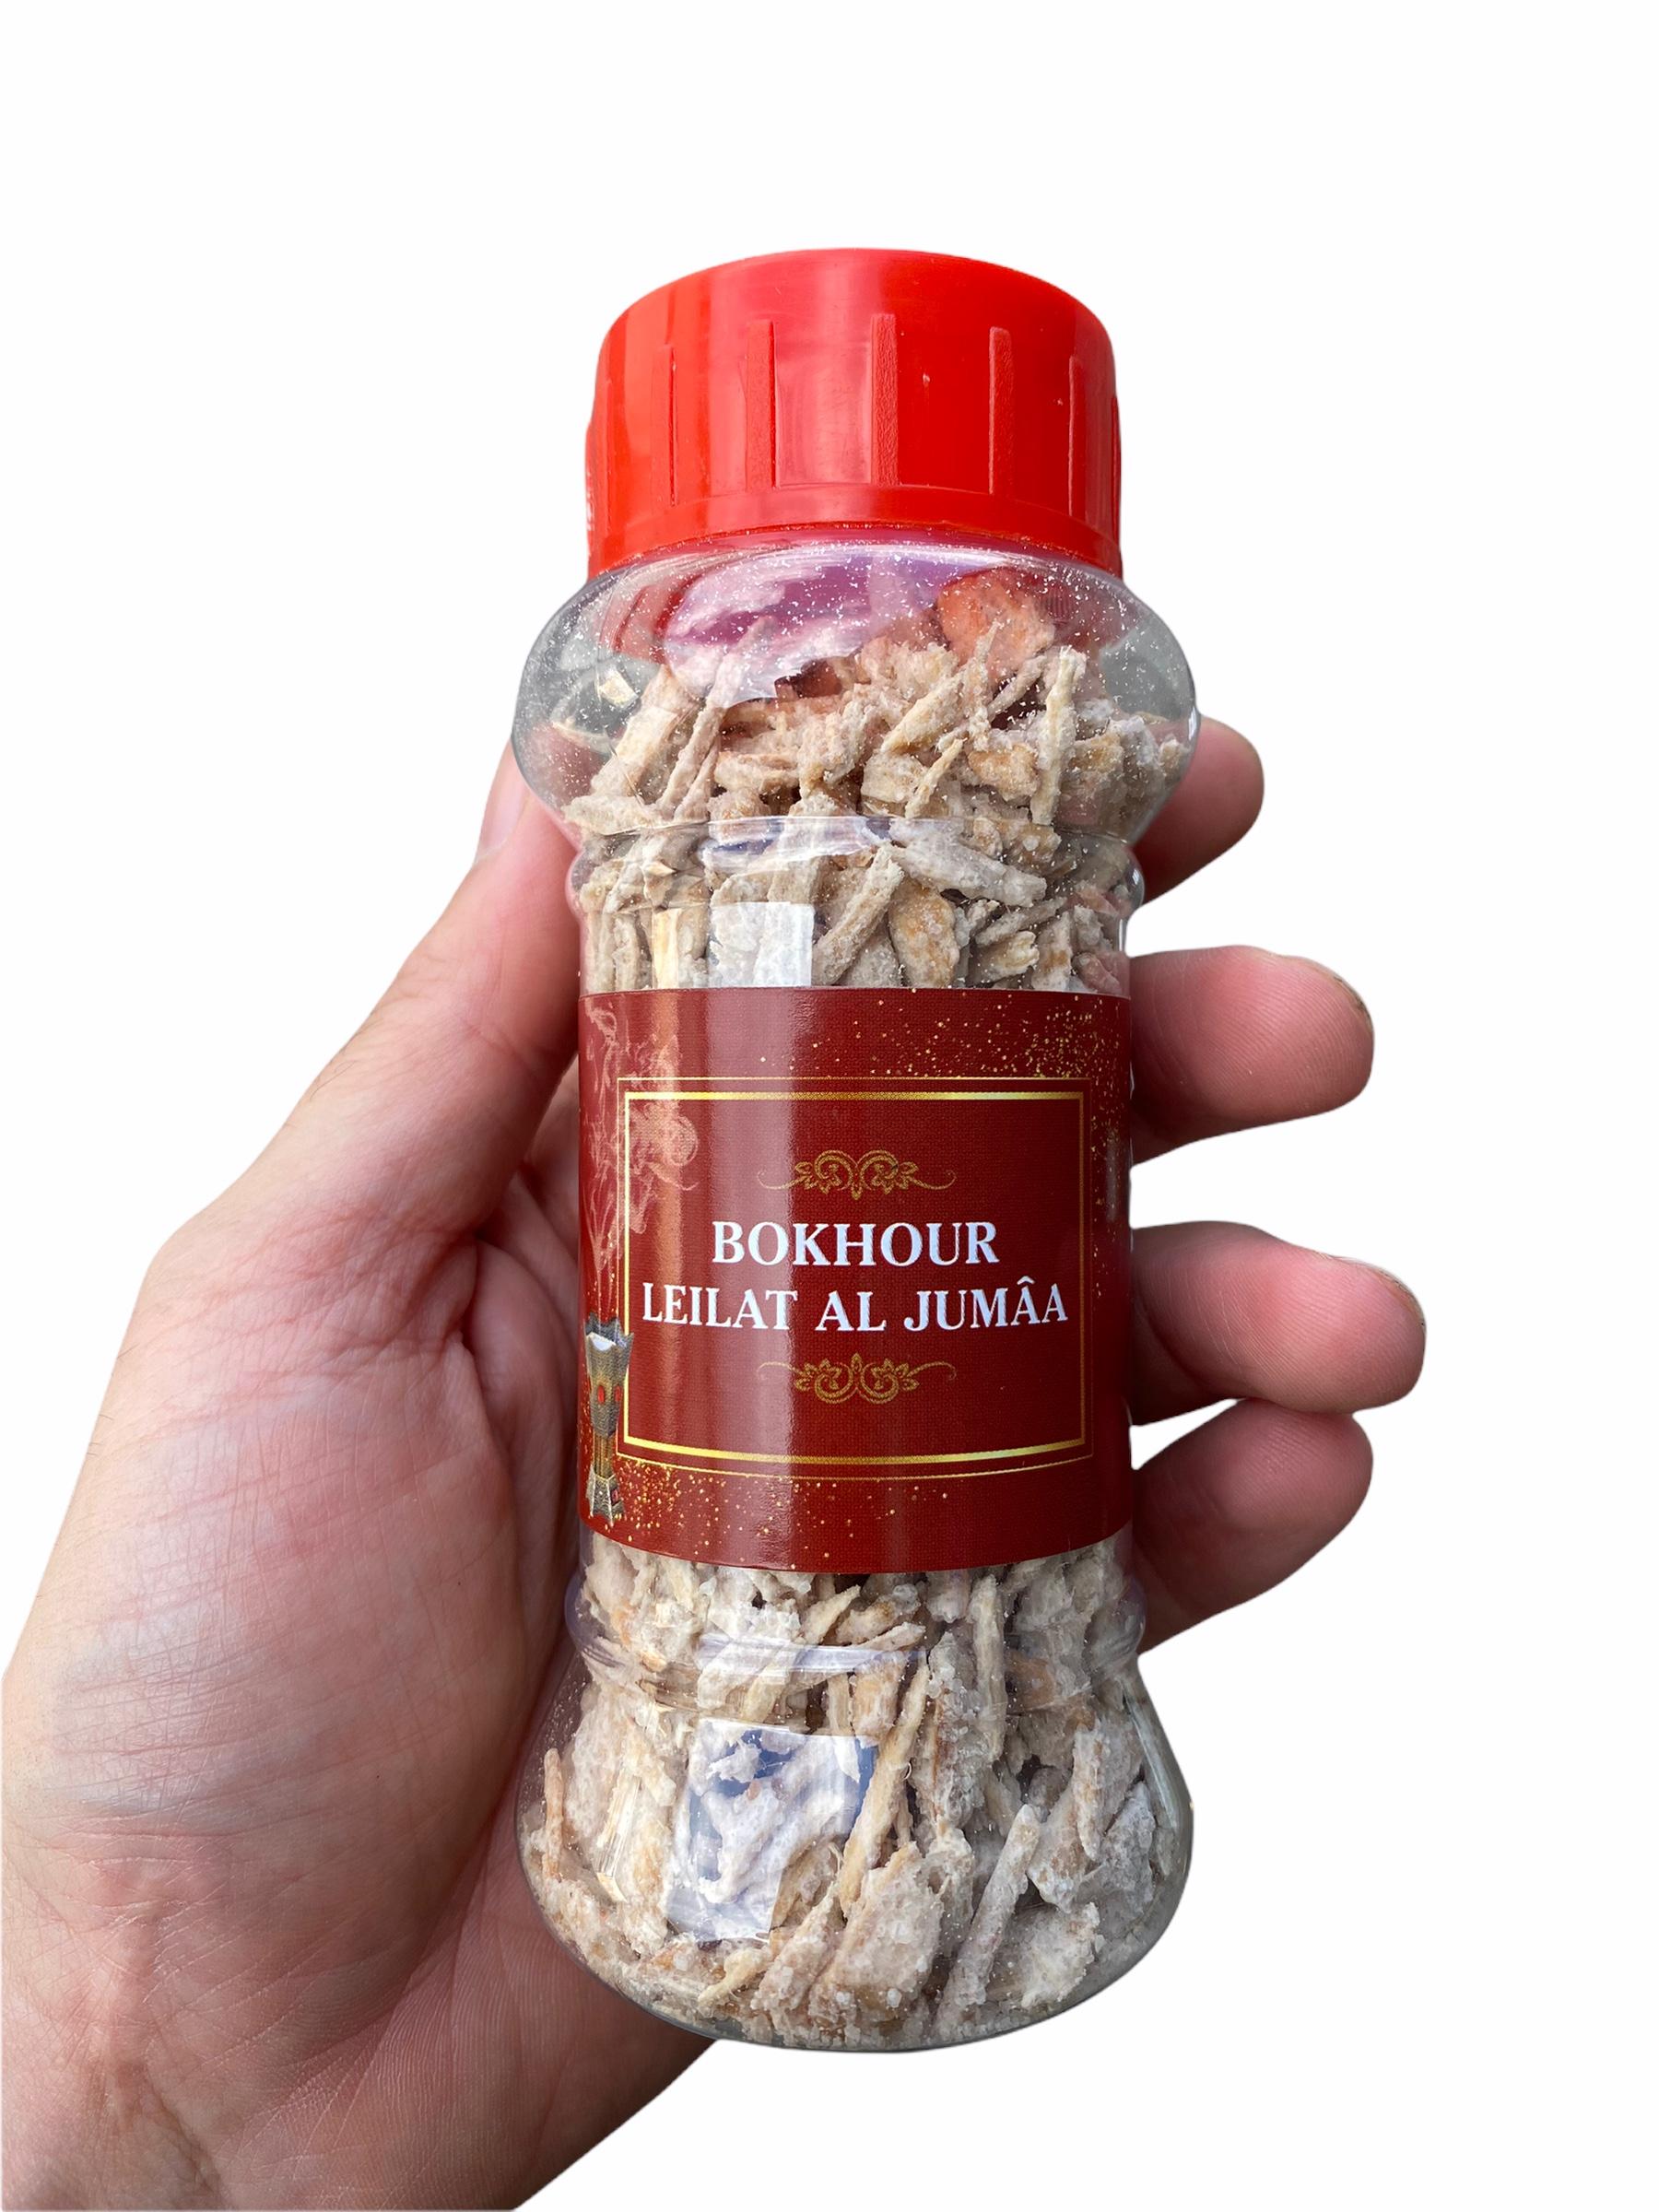 Bokhour Leilat Al Jumâa Encens Oriental avec une très bonne odeur à utiliser avec un encensoir charbon ou alors directement à la poêle.